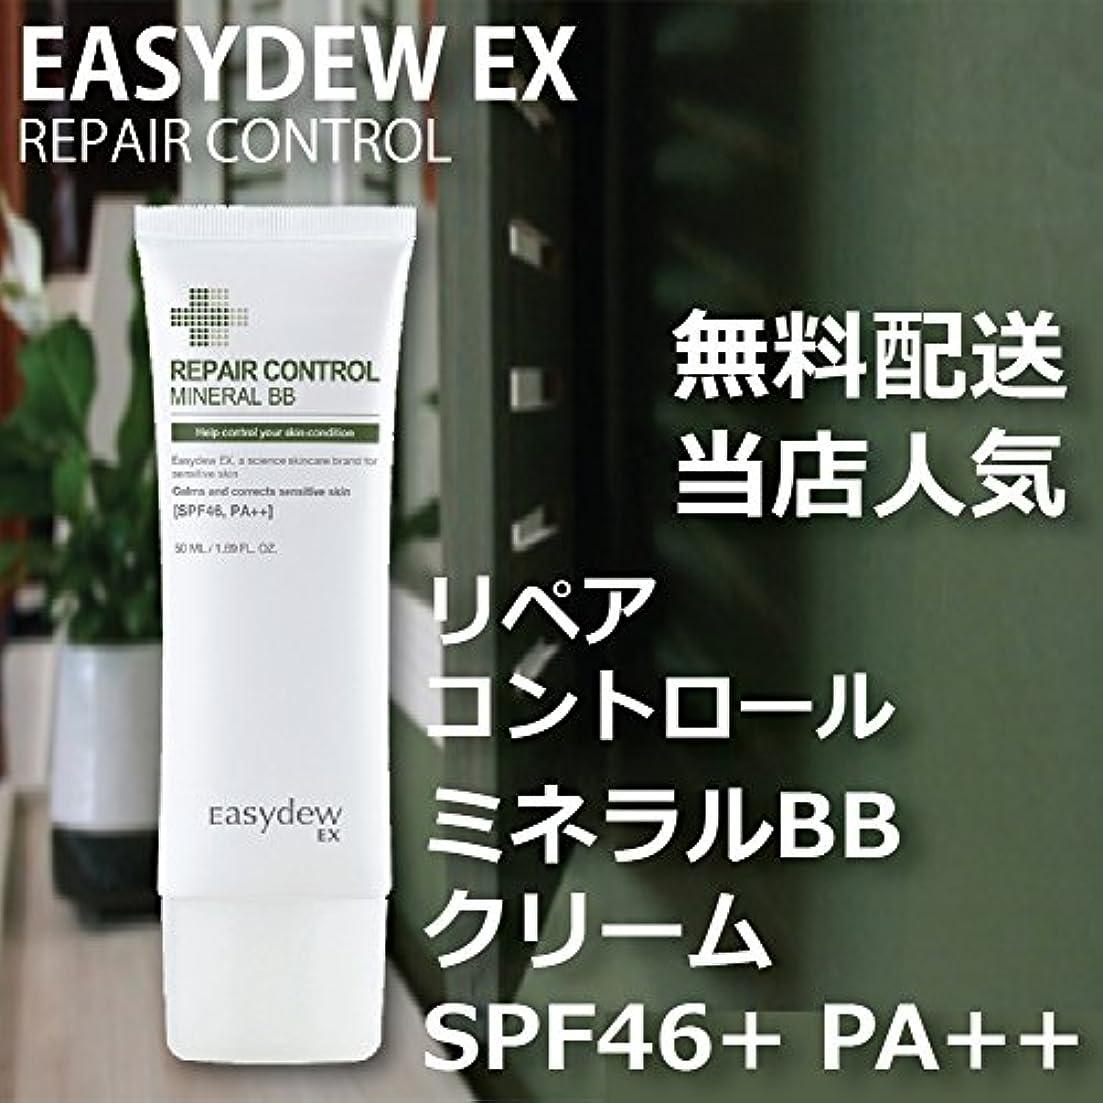 鬼ごっこ違法ボウルEASY DEW EX ミネラル BBクリーム SPF46+ PA++ 50ml MINRAL BB CREAM 韓国 人気 コスメ イージーデュー 敏感 乾燥 美白 しわ 3重機能性